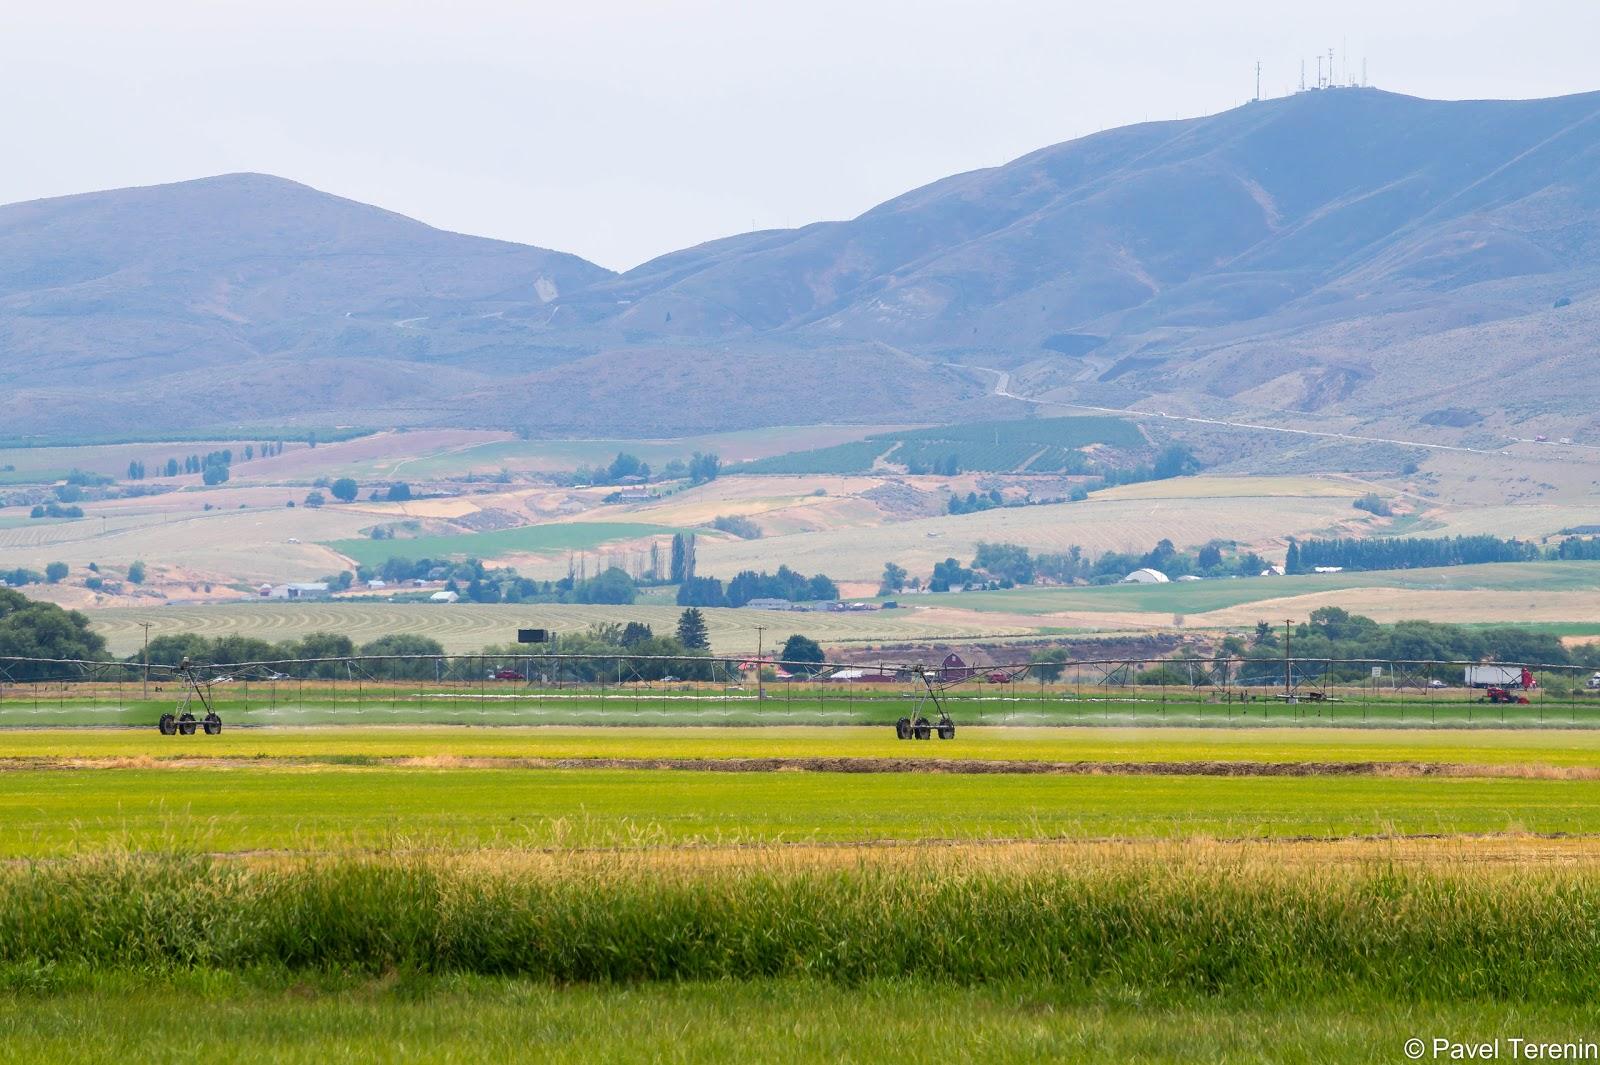 Пустыня хоть и называется официально пустыней, но, как ни парадоксально, здесь находятся огромные фермы и бескрайние поля.